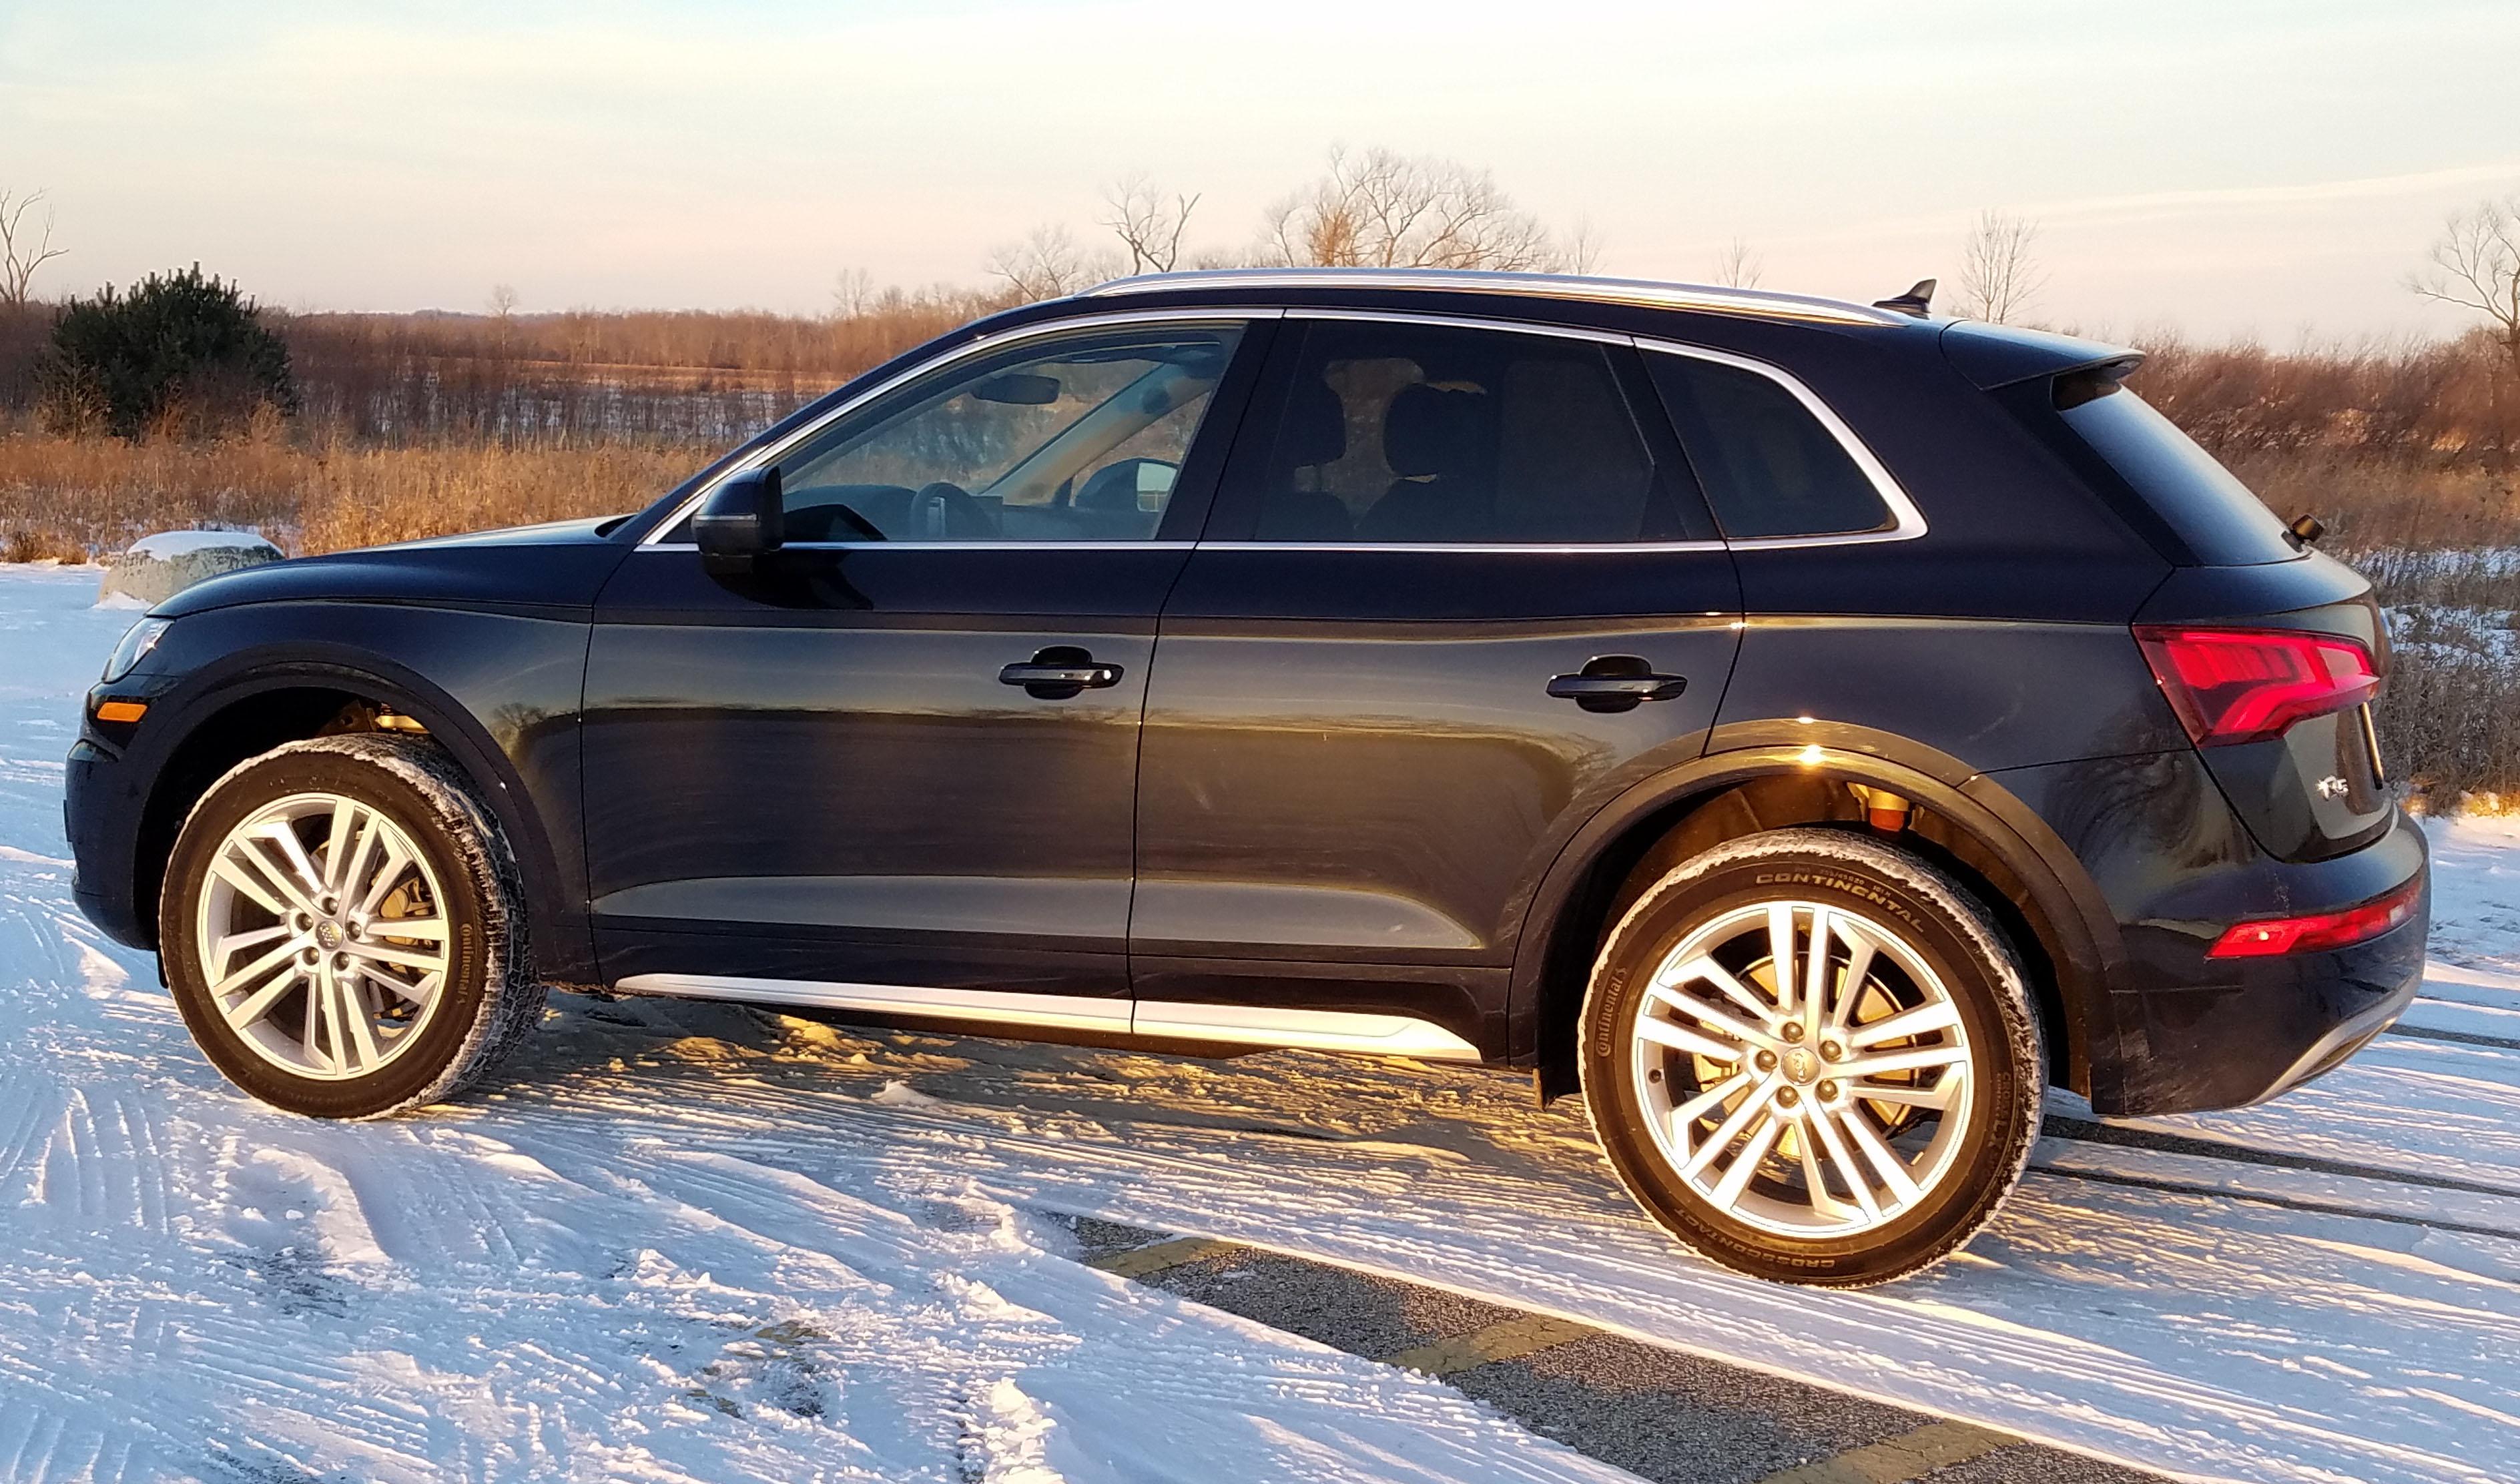 Kelebihan Kekurangan Audi Q5 2018 Top Model Tahun Ini